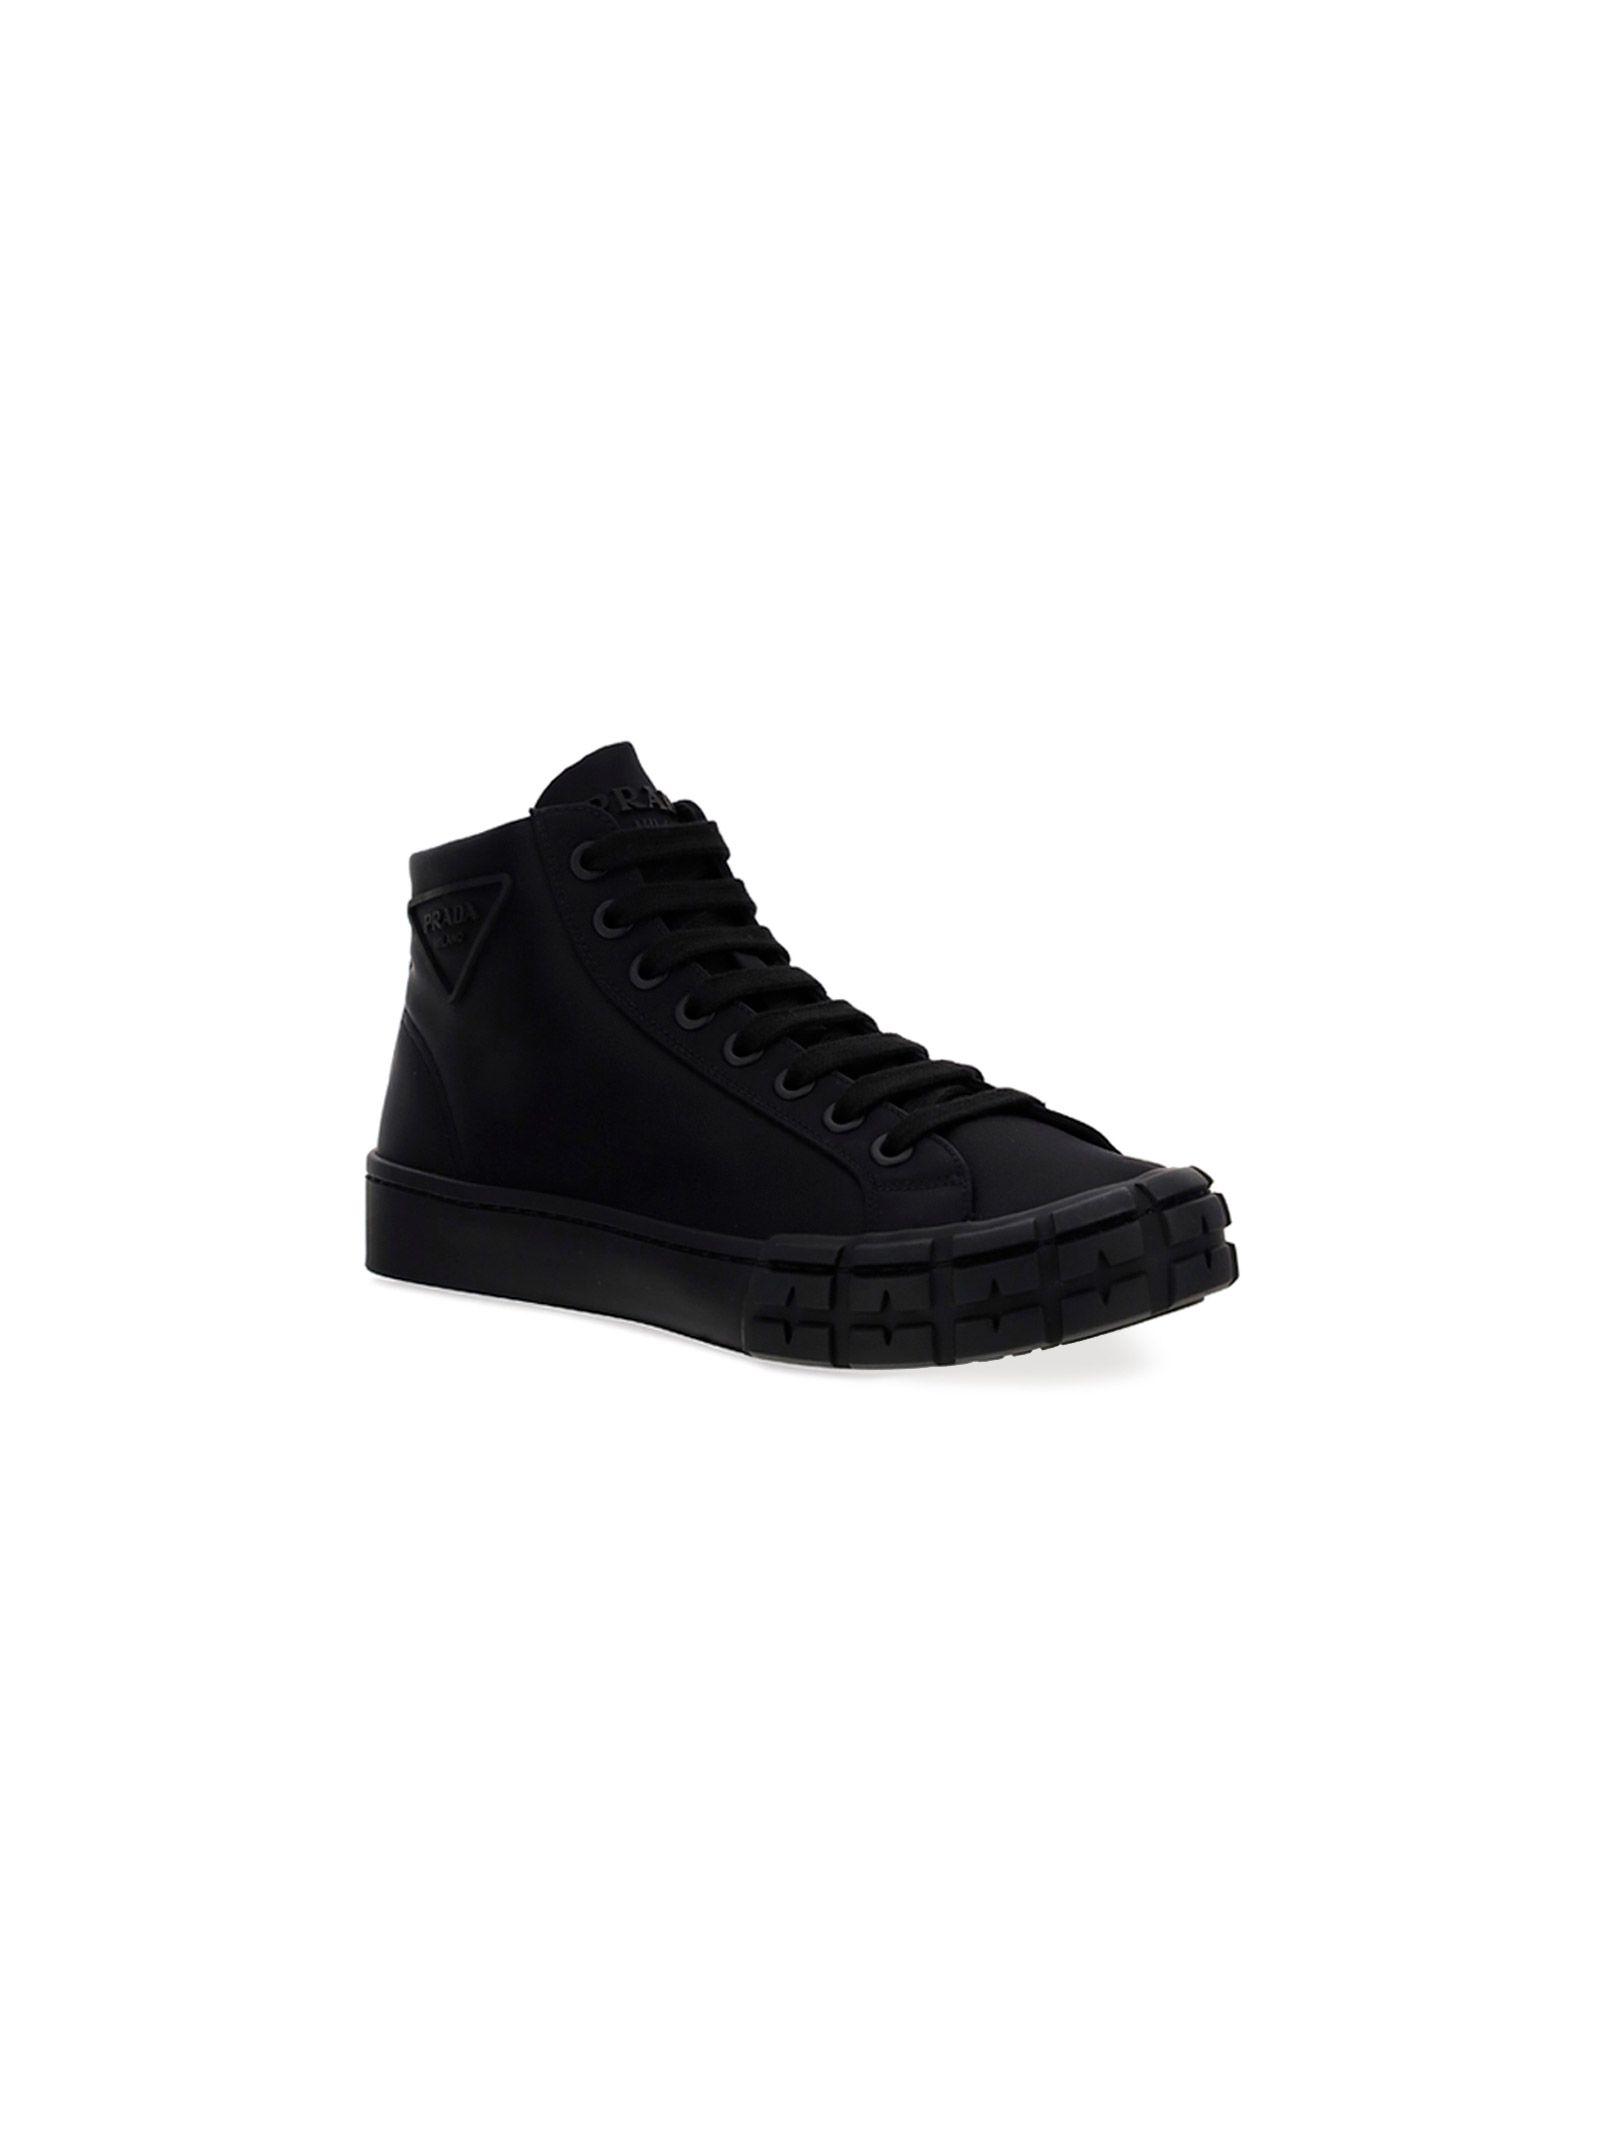 PRADA Sneakers PRADA MEN'S BLACK OTHER MATERIALS SNEAKERS